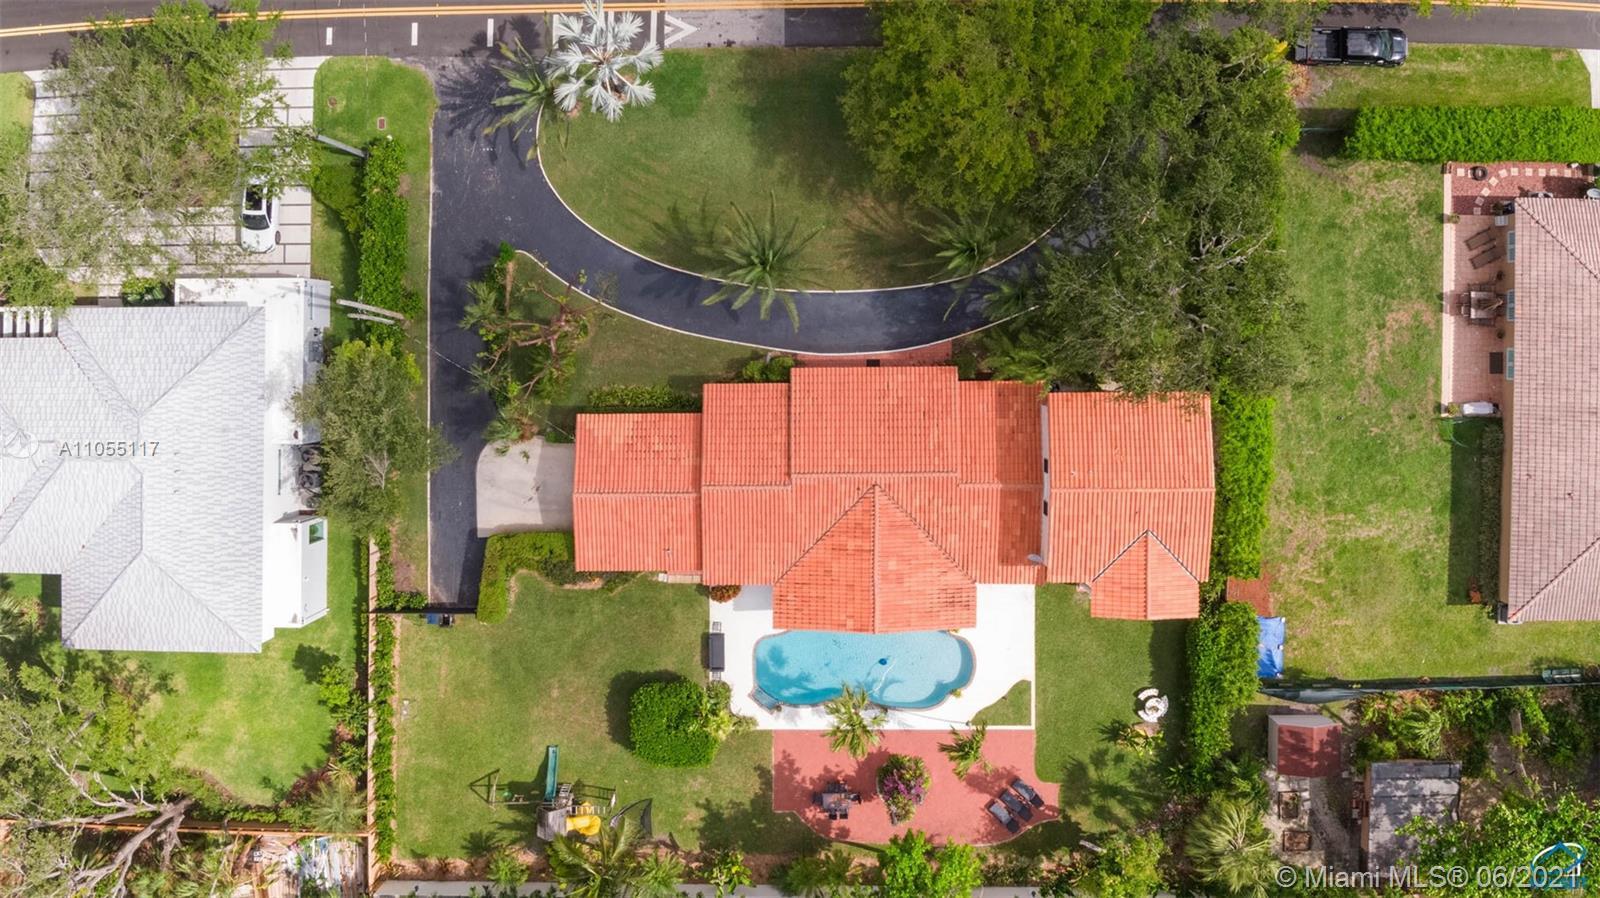 5940 79 St, South Miami, Florida 33143